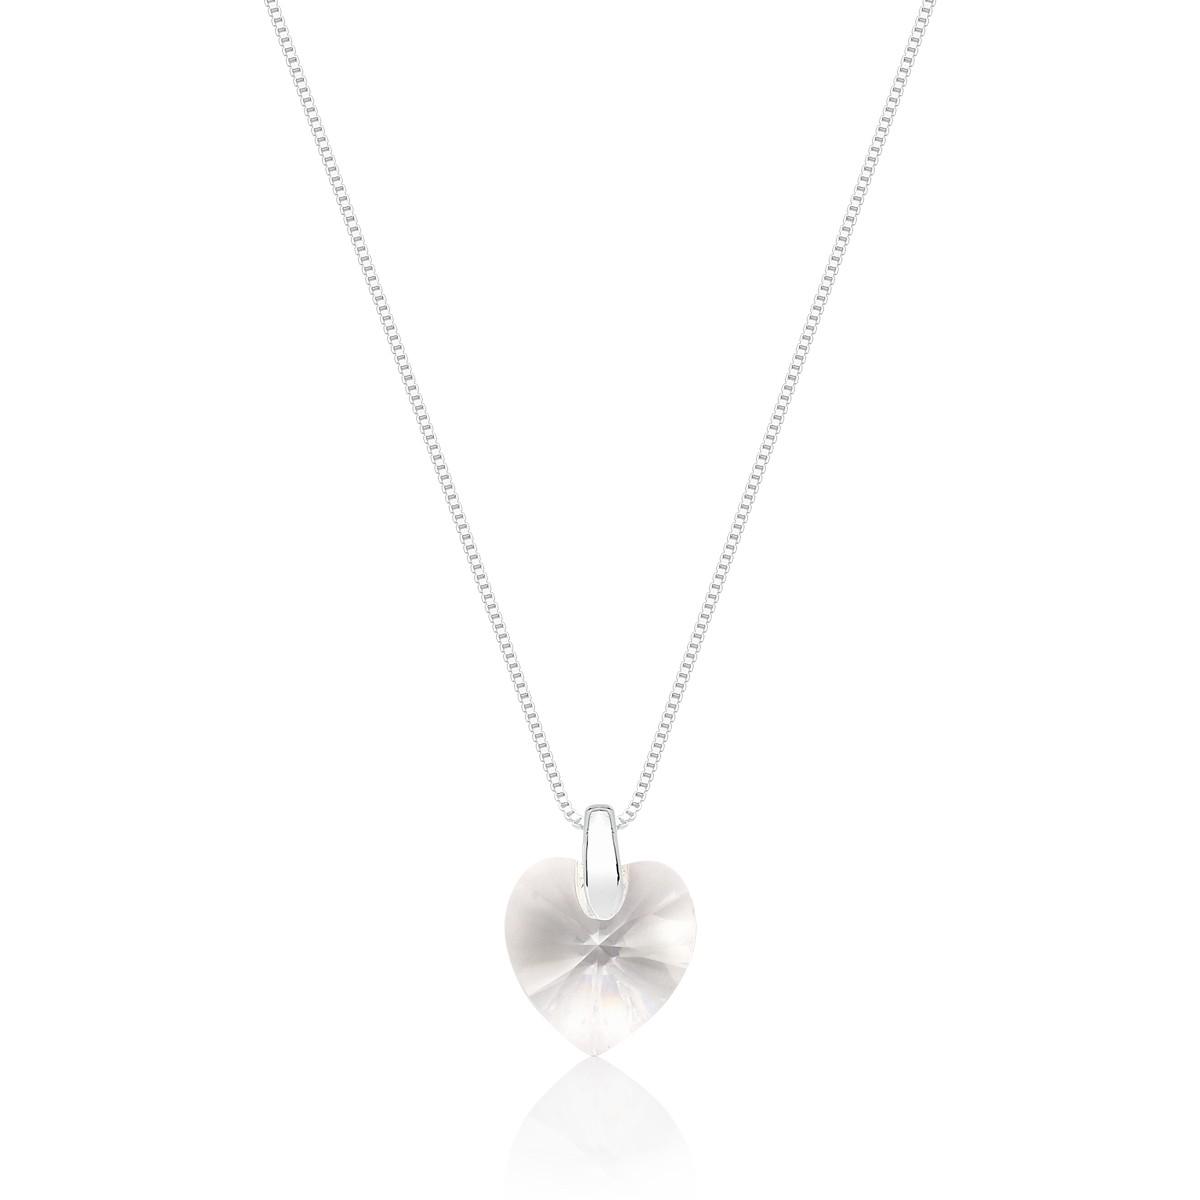 Pingente Crystal Heart Small Revestido em Prata